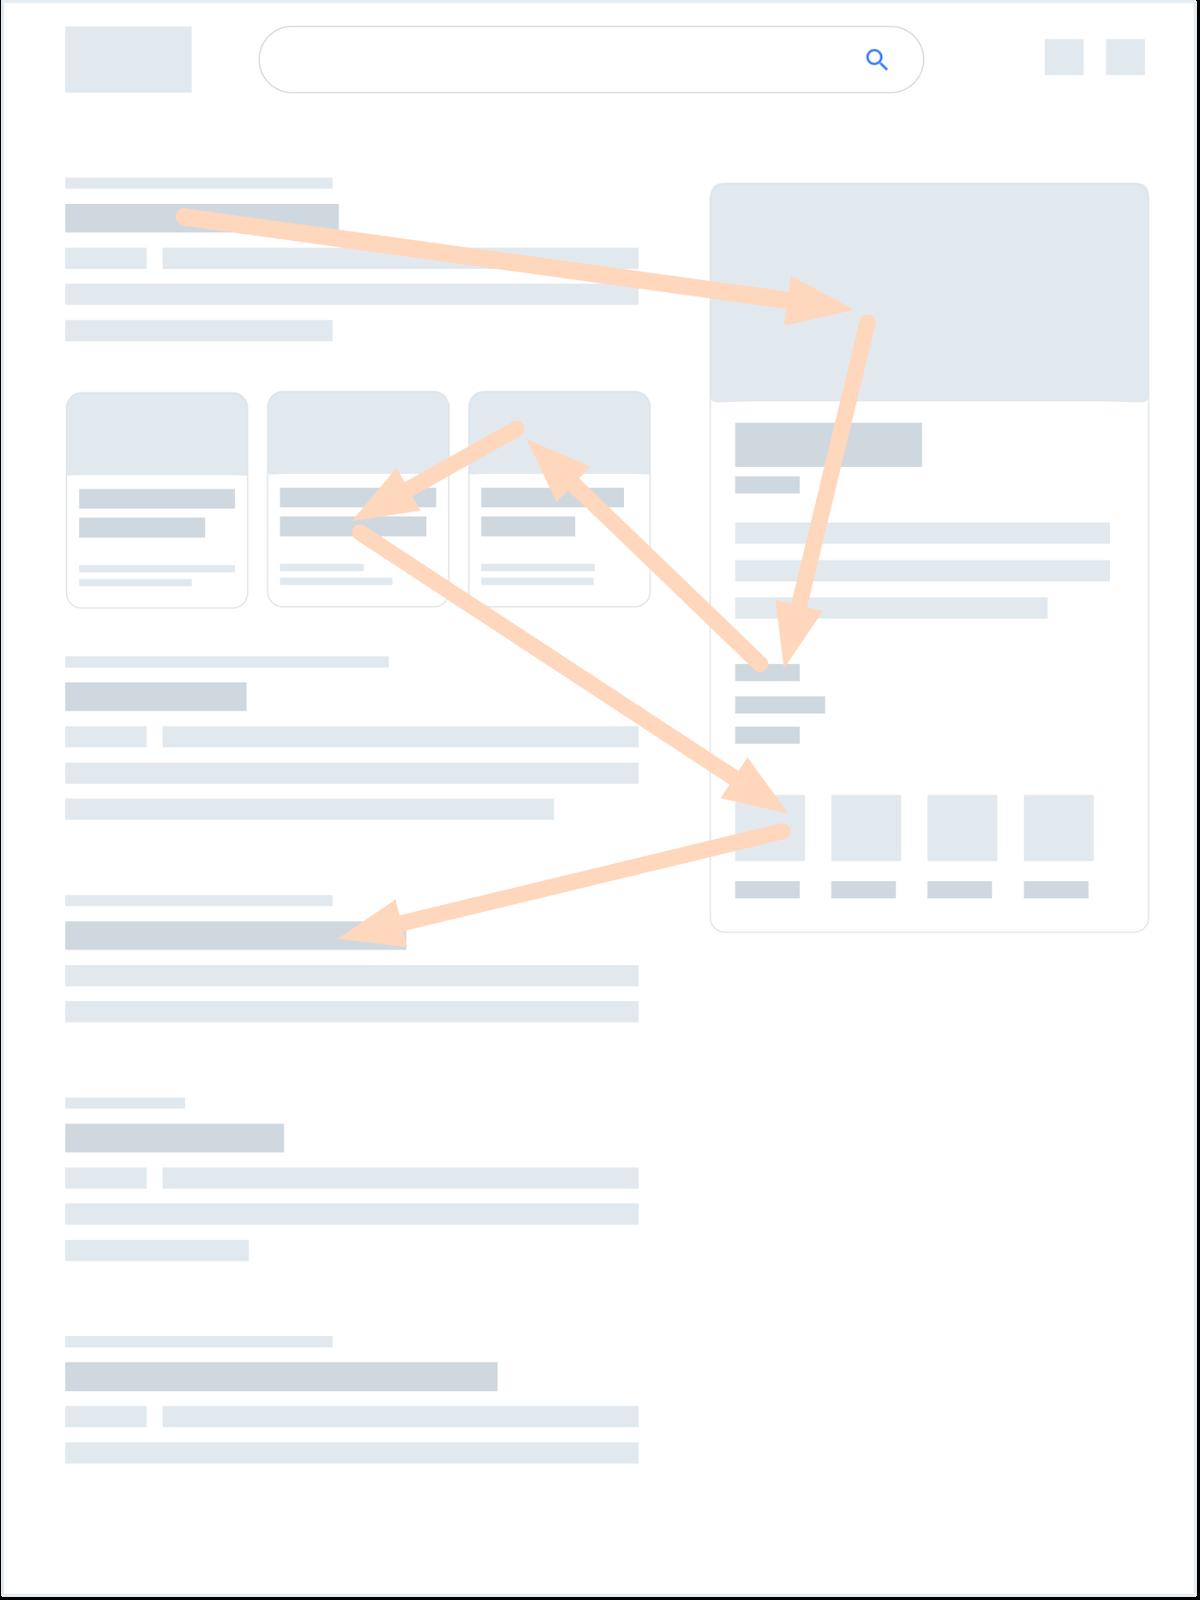 Эта иллюстрация – примерное описание пинбол модели – она характеризуется «перепрыгиванием» взгляда между различными элементами страницы выдачи. Обычно между правой боковой панелью и центральной колонкой с результатами. Отдельные примеры содержат большее или меньшее количество перемещений в любом направлении